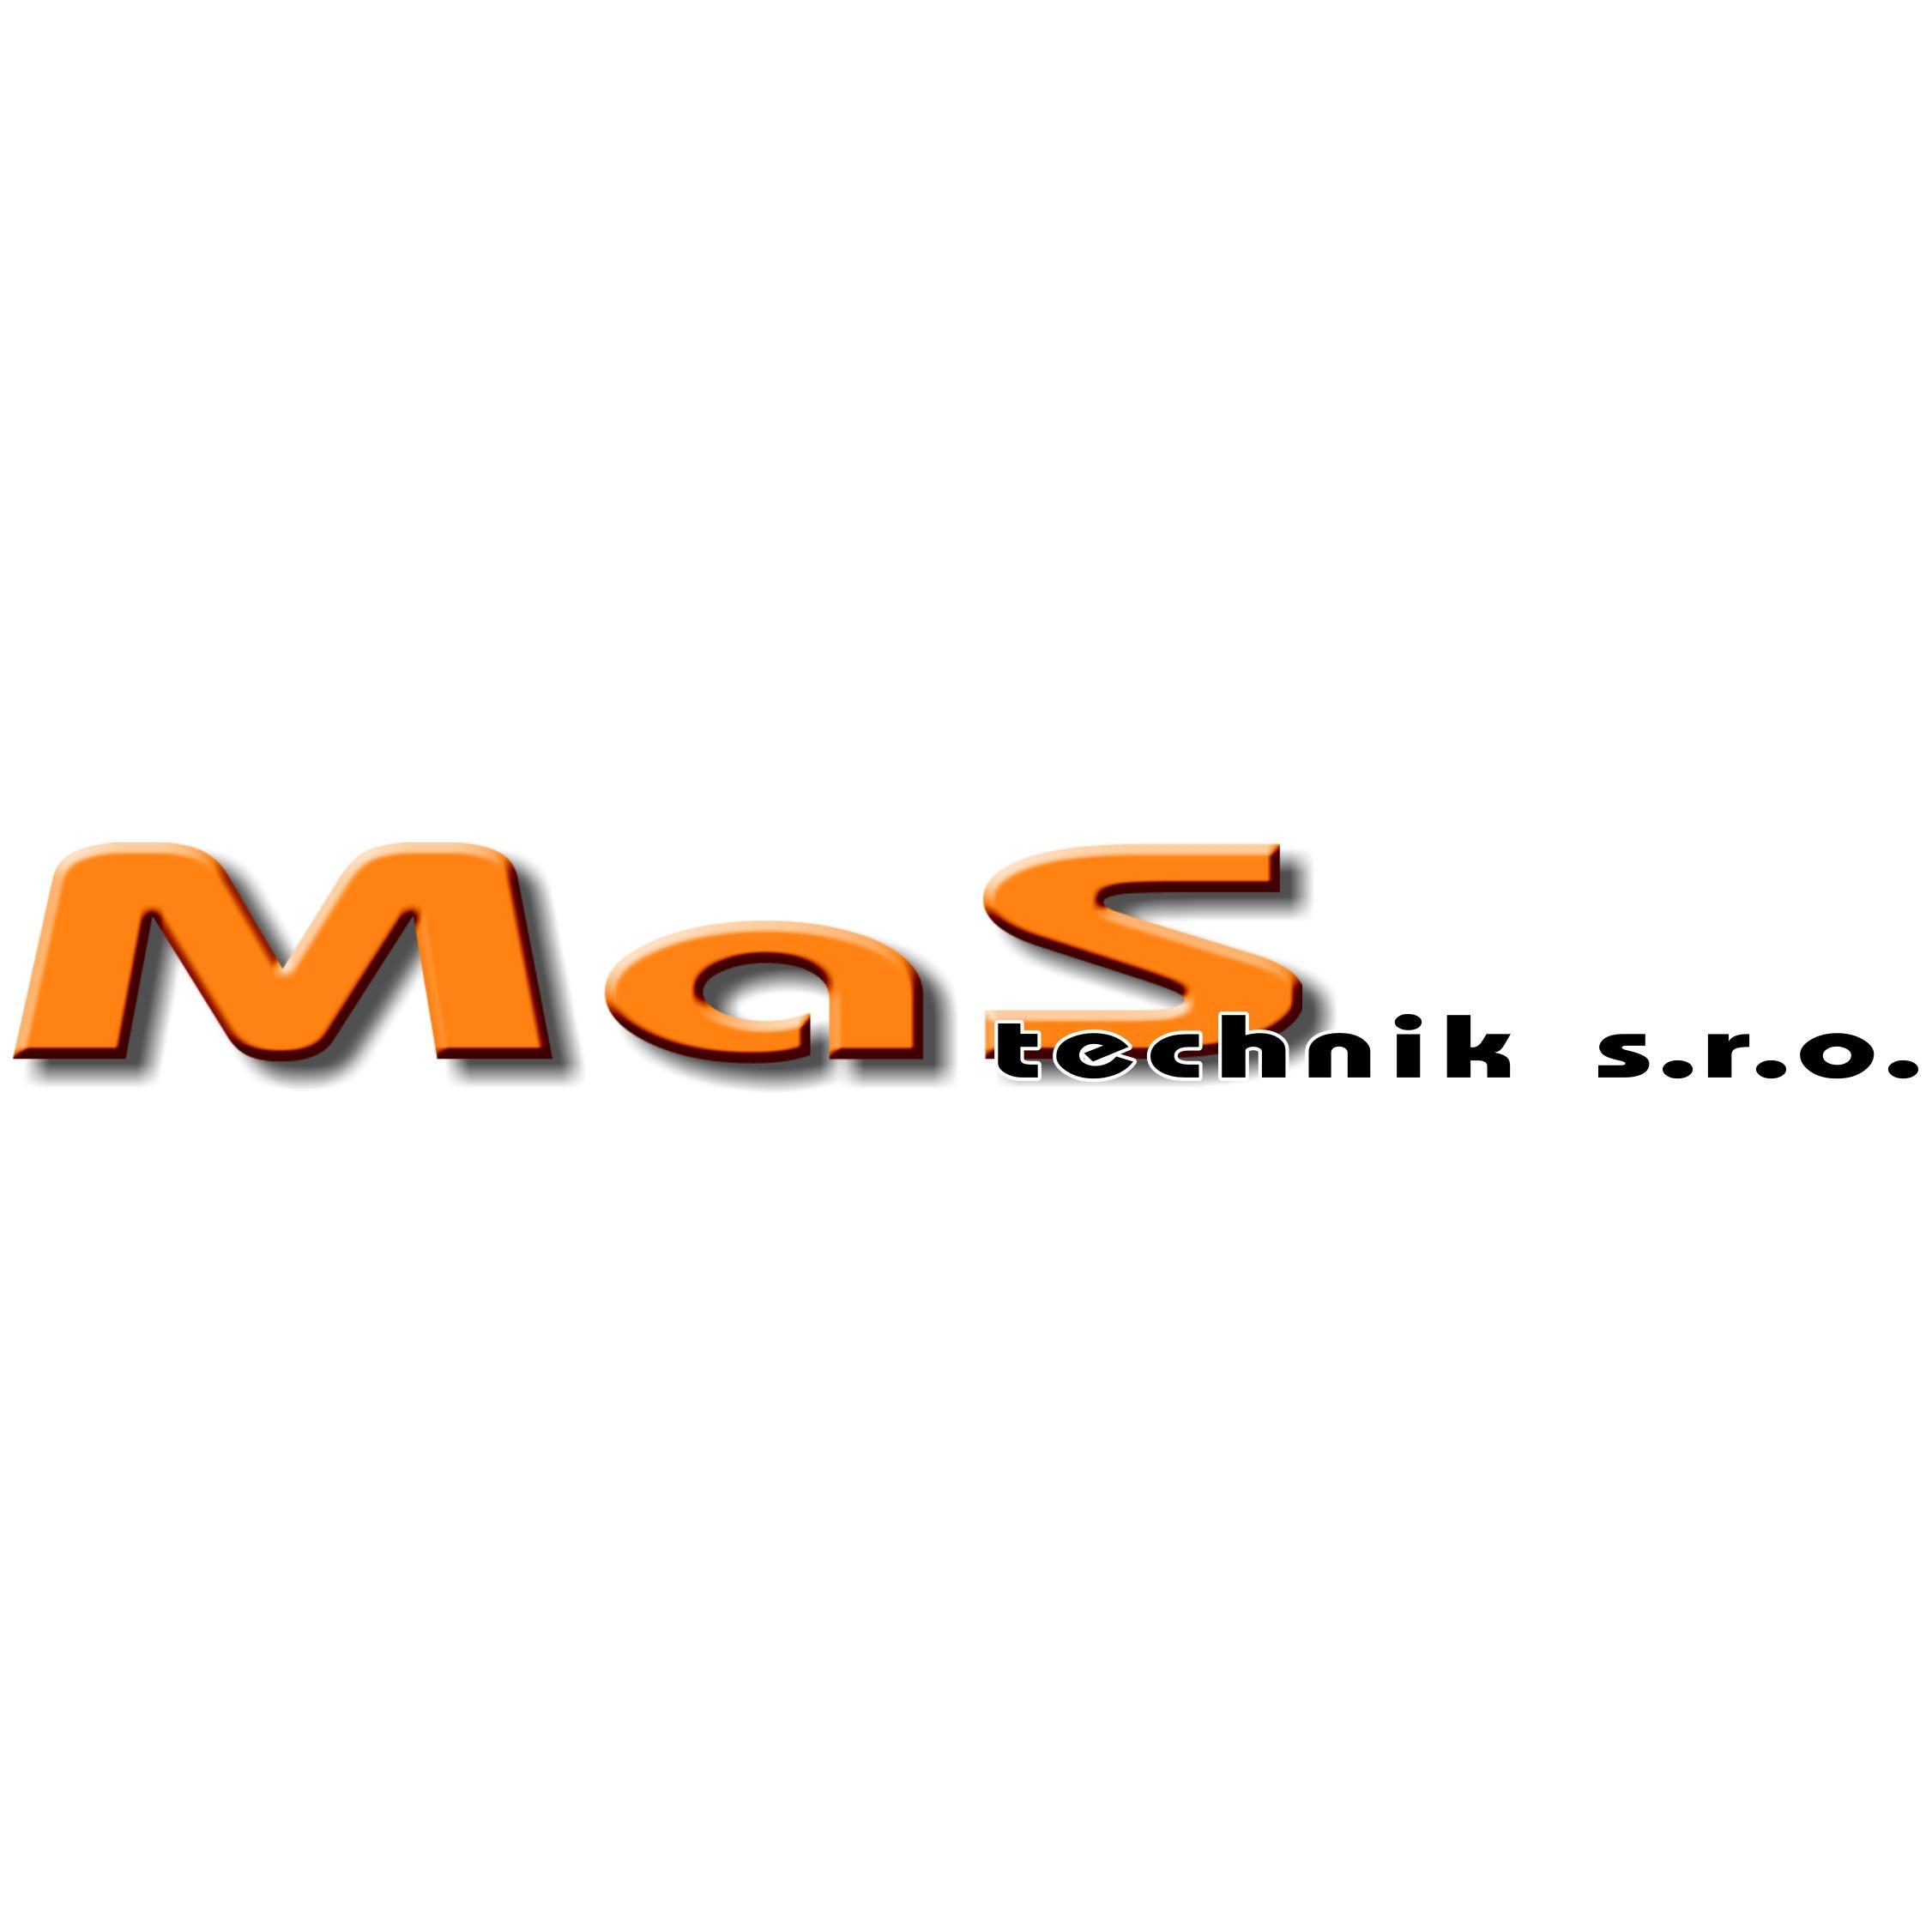 MaS technik, s.r.o.